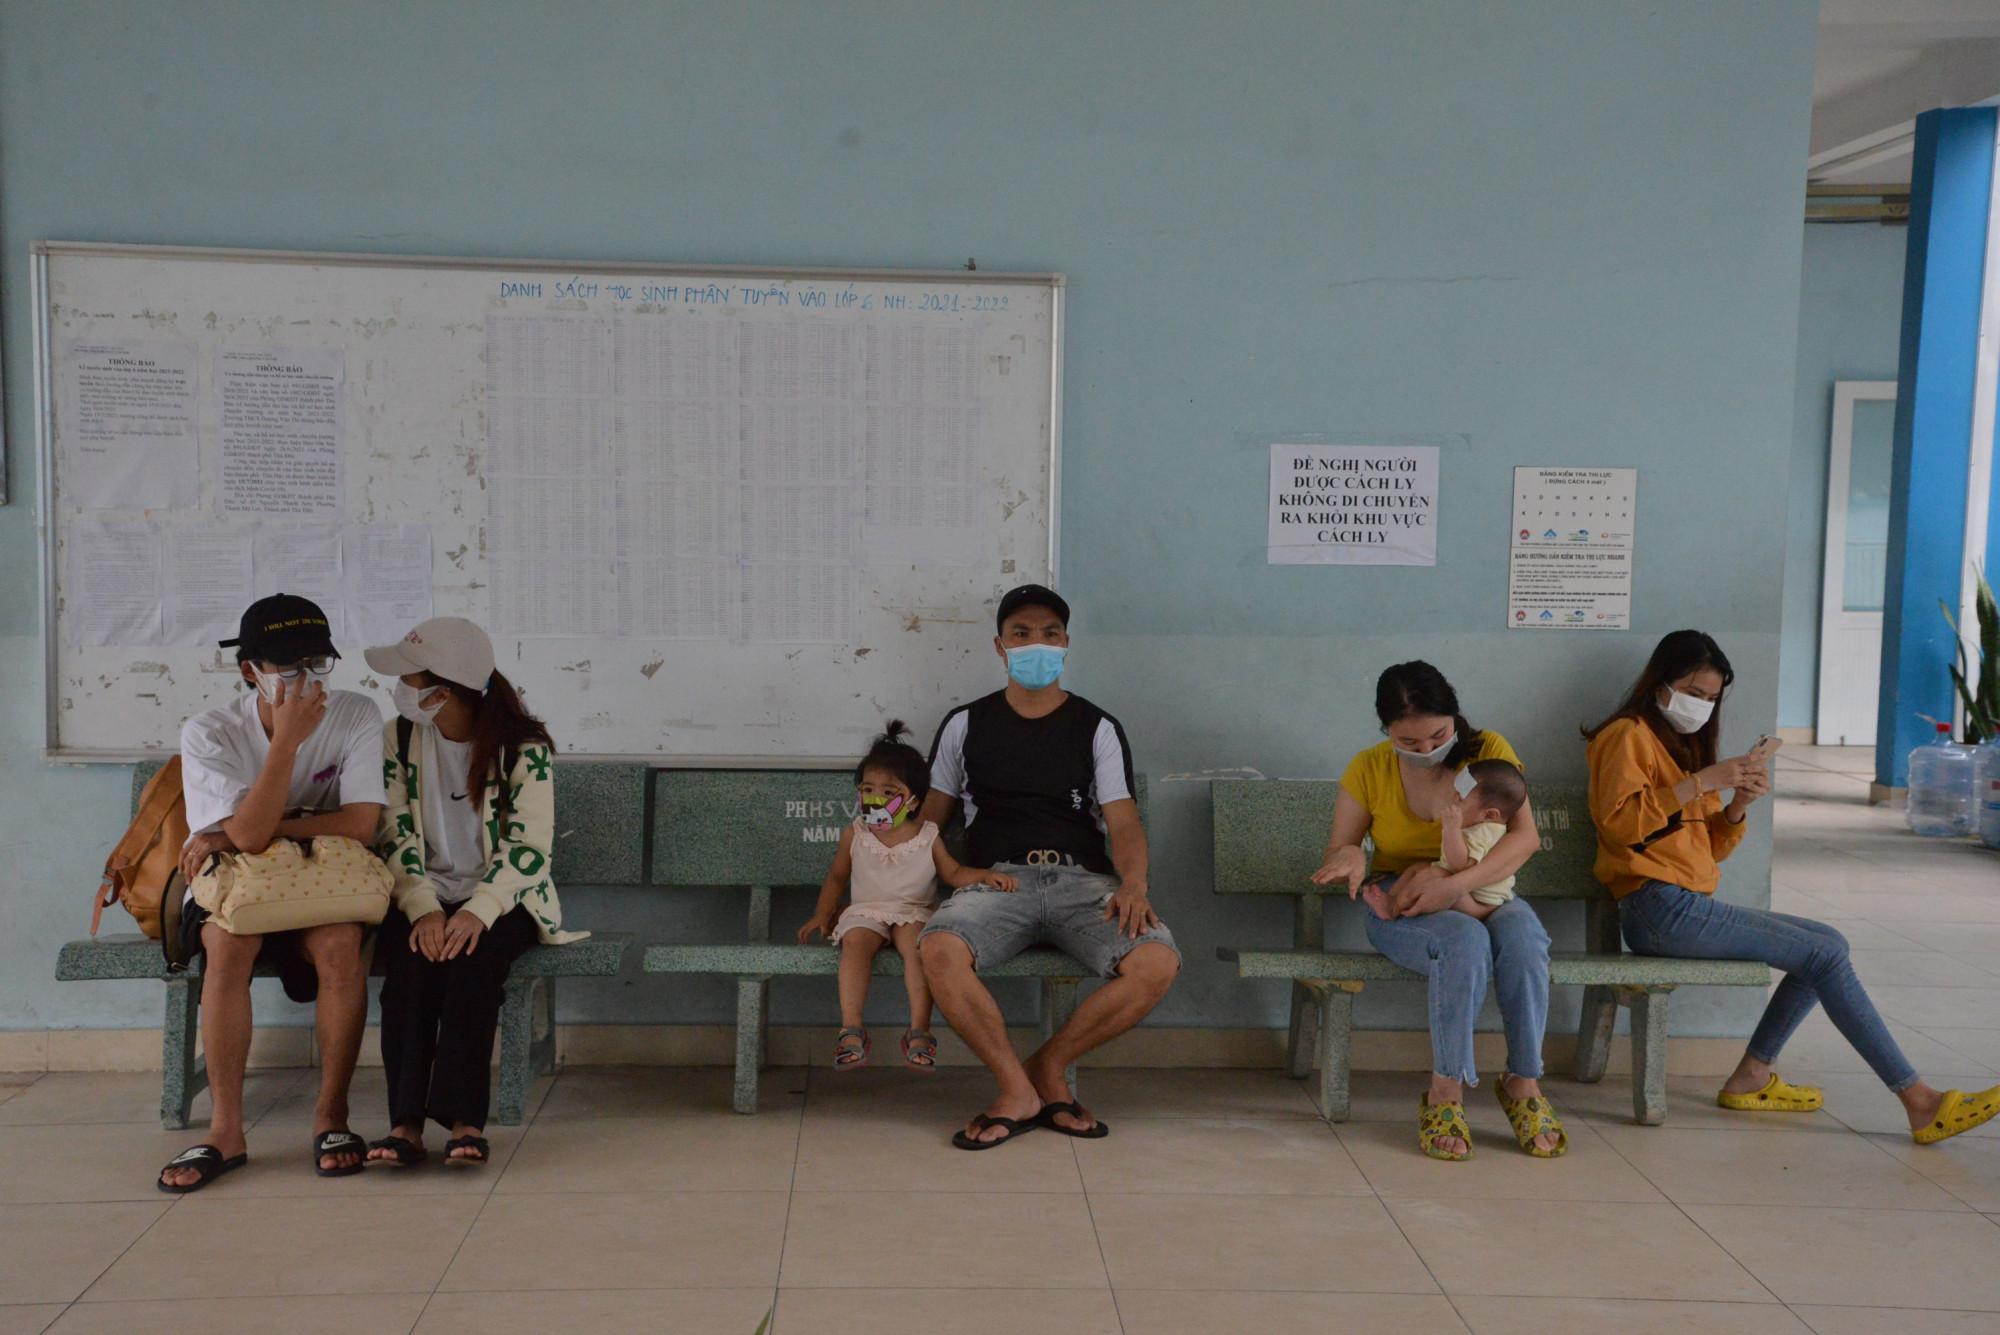 Những bệnh nhân COVID-19 được phát hiện tại cộng đồng được đưa vào khu cách ly tạm ở phường xã trước khi được đưa sang bệnh viện dã chiến. Ảnh: Hiếu Nguyễn